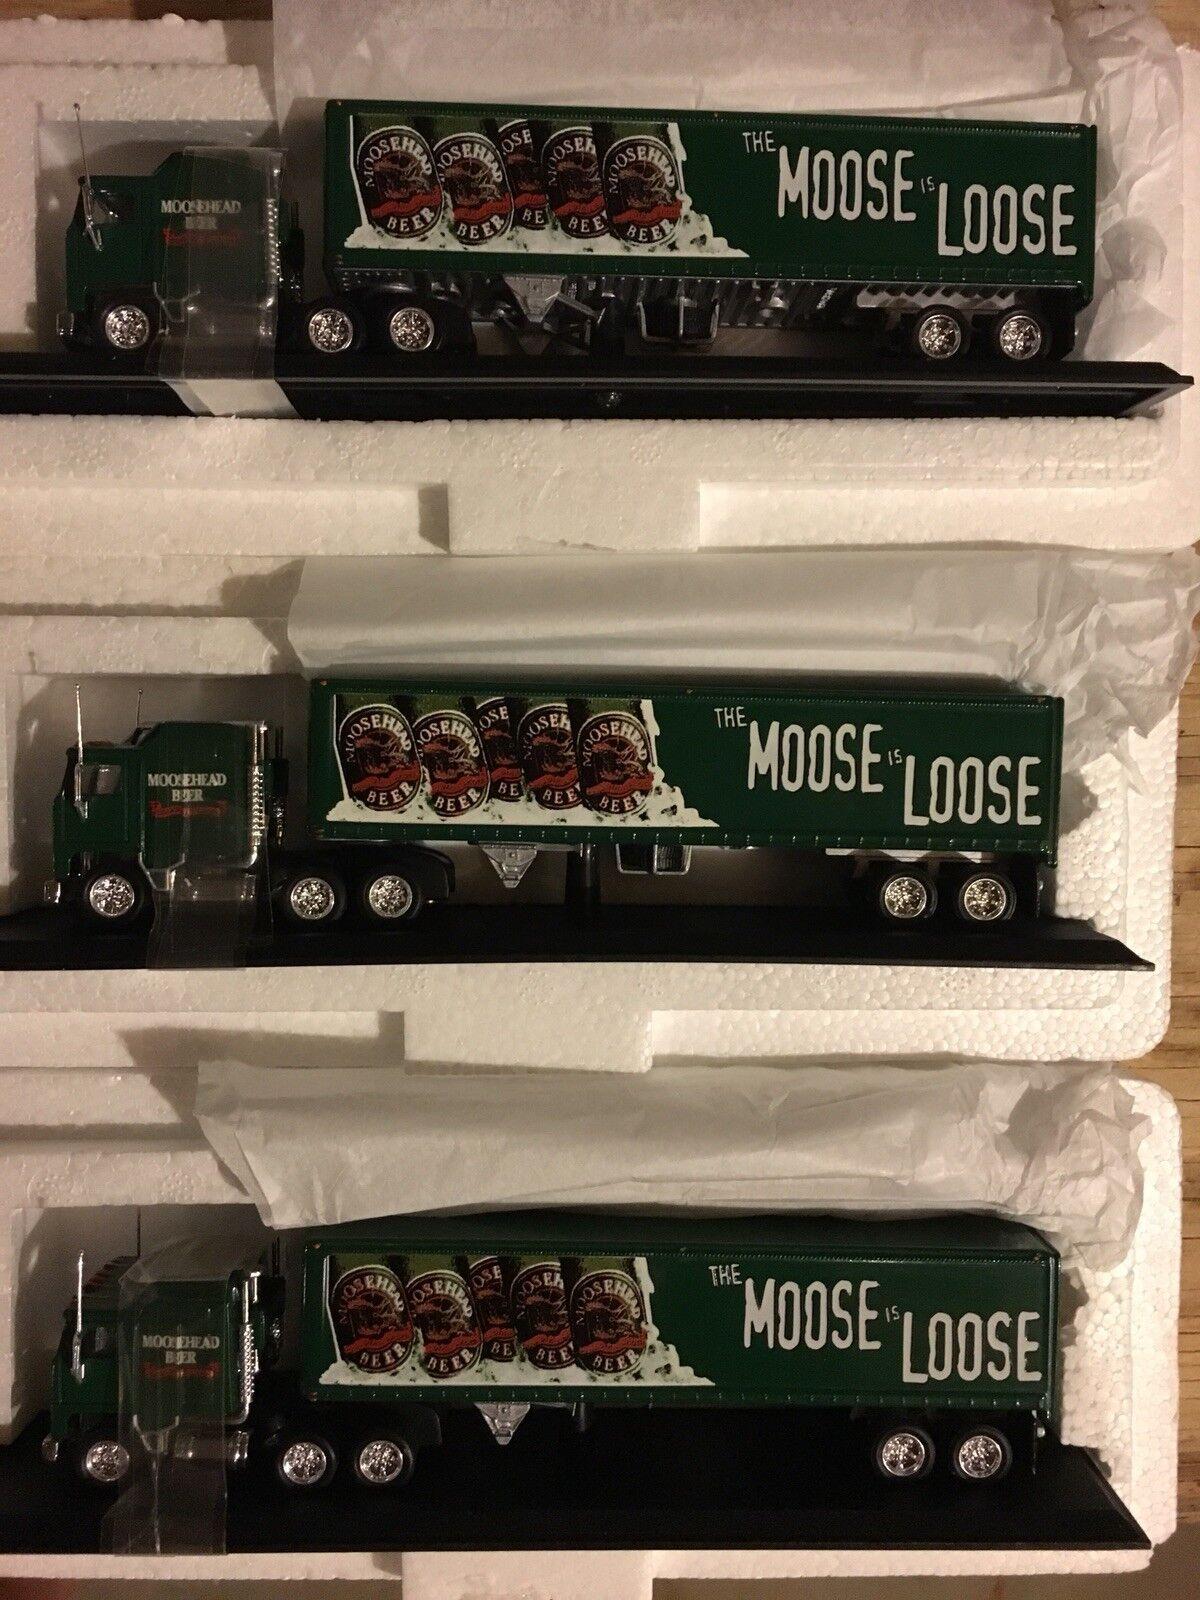 Lote MOOSEHEAD Kenworth CAB-sobre-motor 1 100 escala hecha a mano por Matchbox